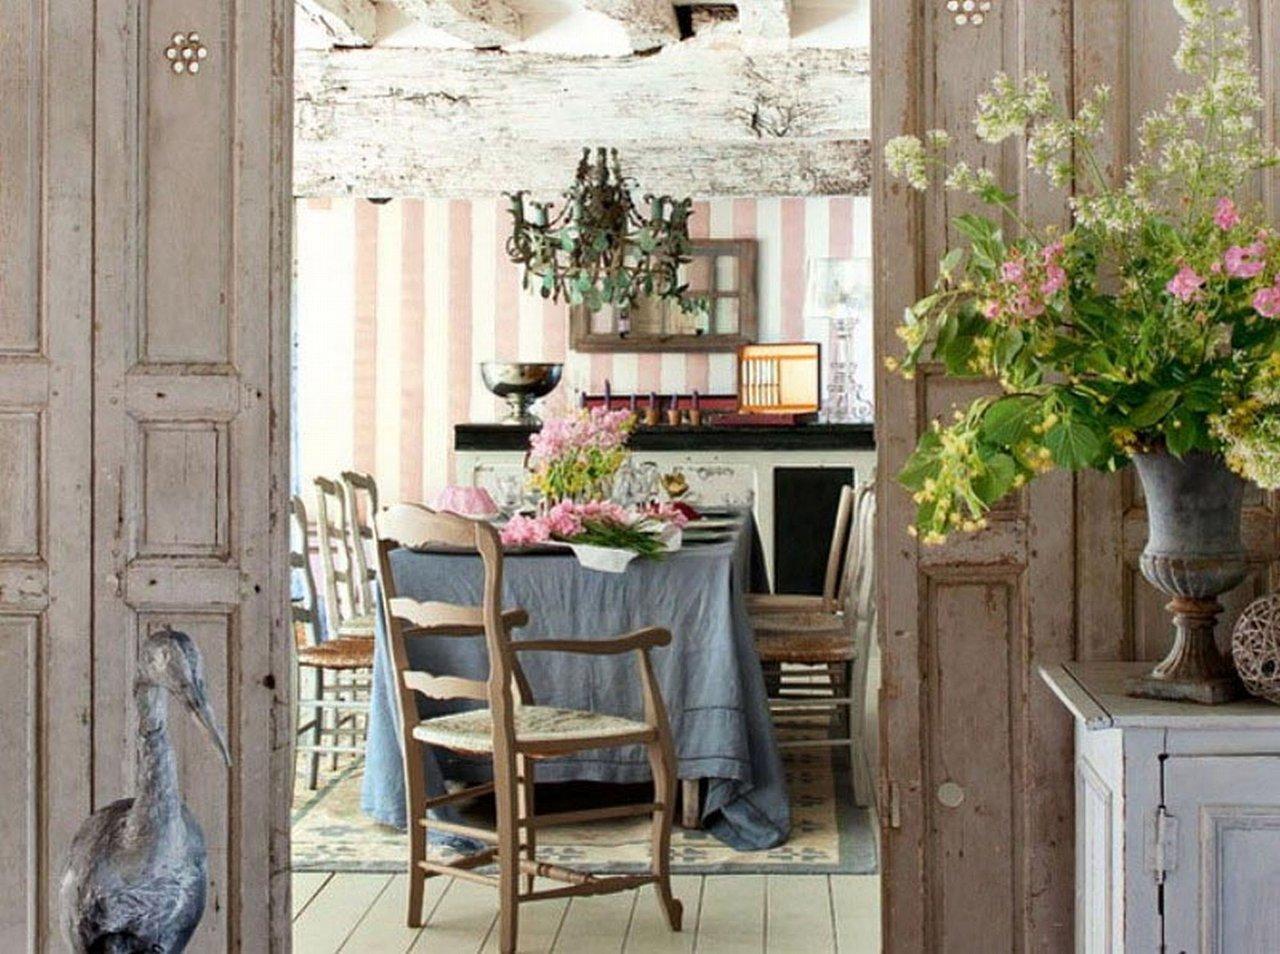 Rustic chic dining room rustic chic dining room popular home design interior amazing ideas rustic texas home decorating